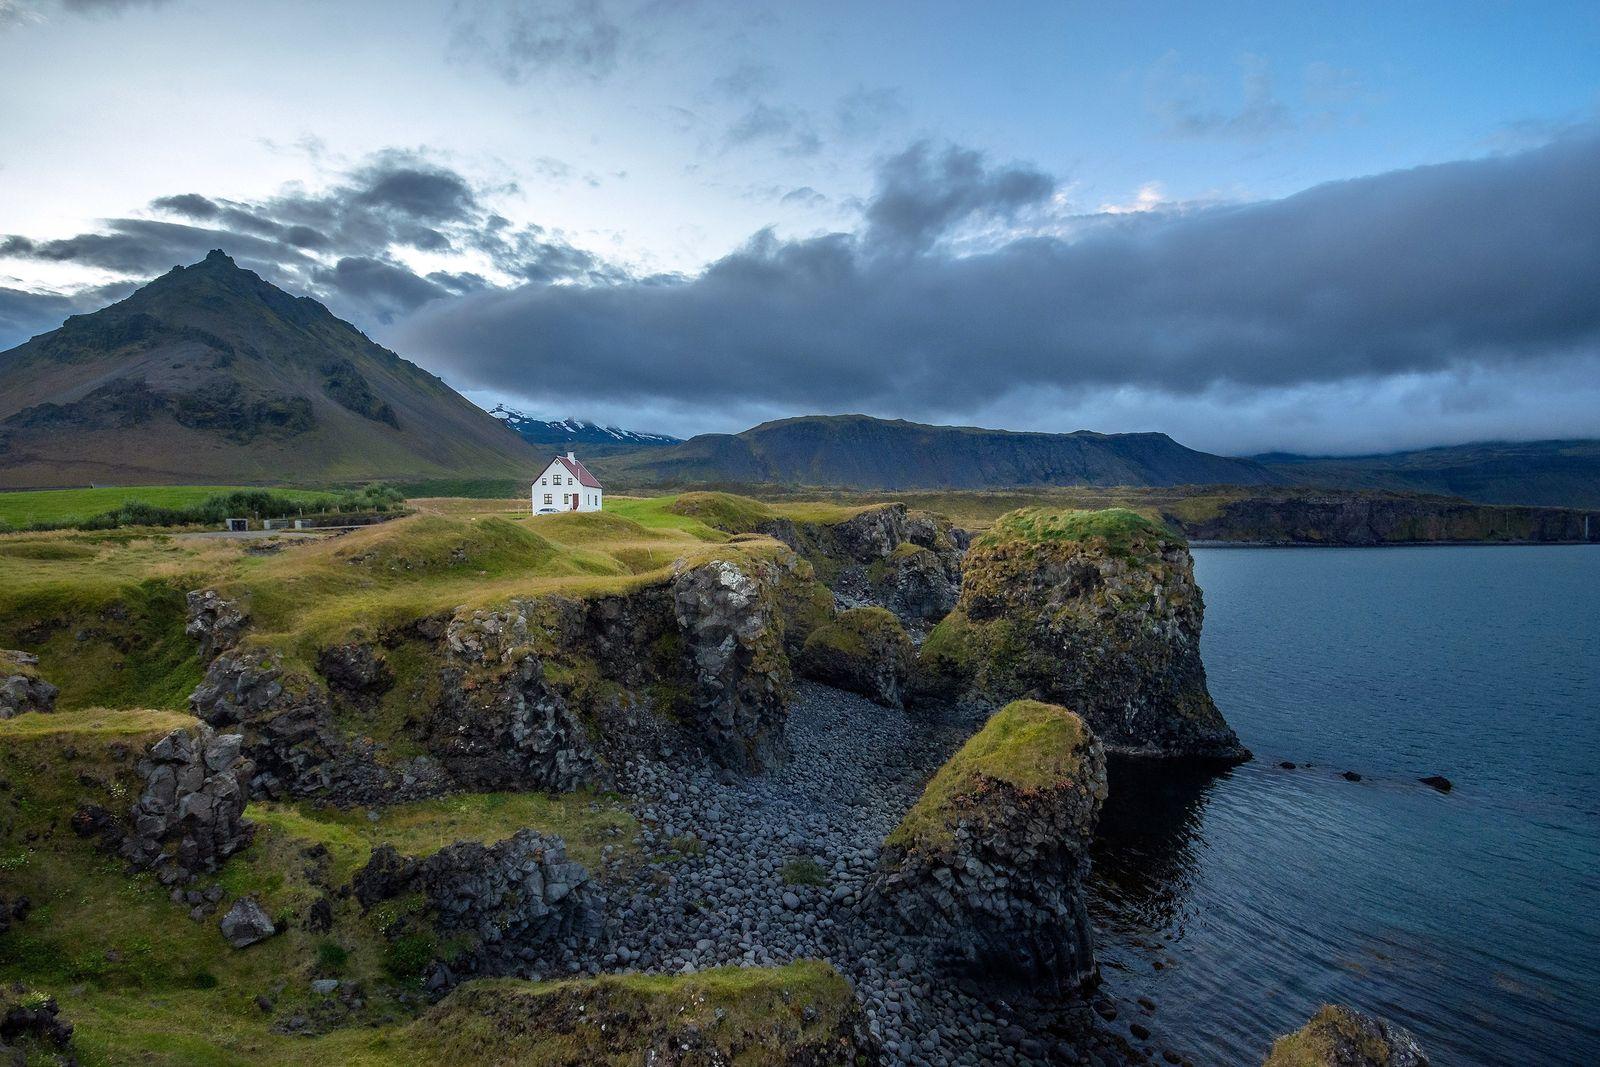 Elfen scheinen gut zu der fremdartigen Landschaft Islands zu passen.